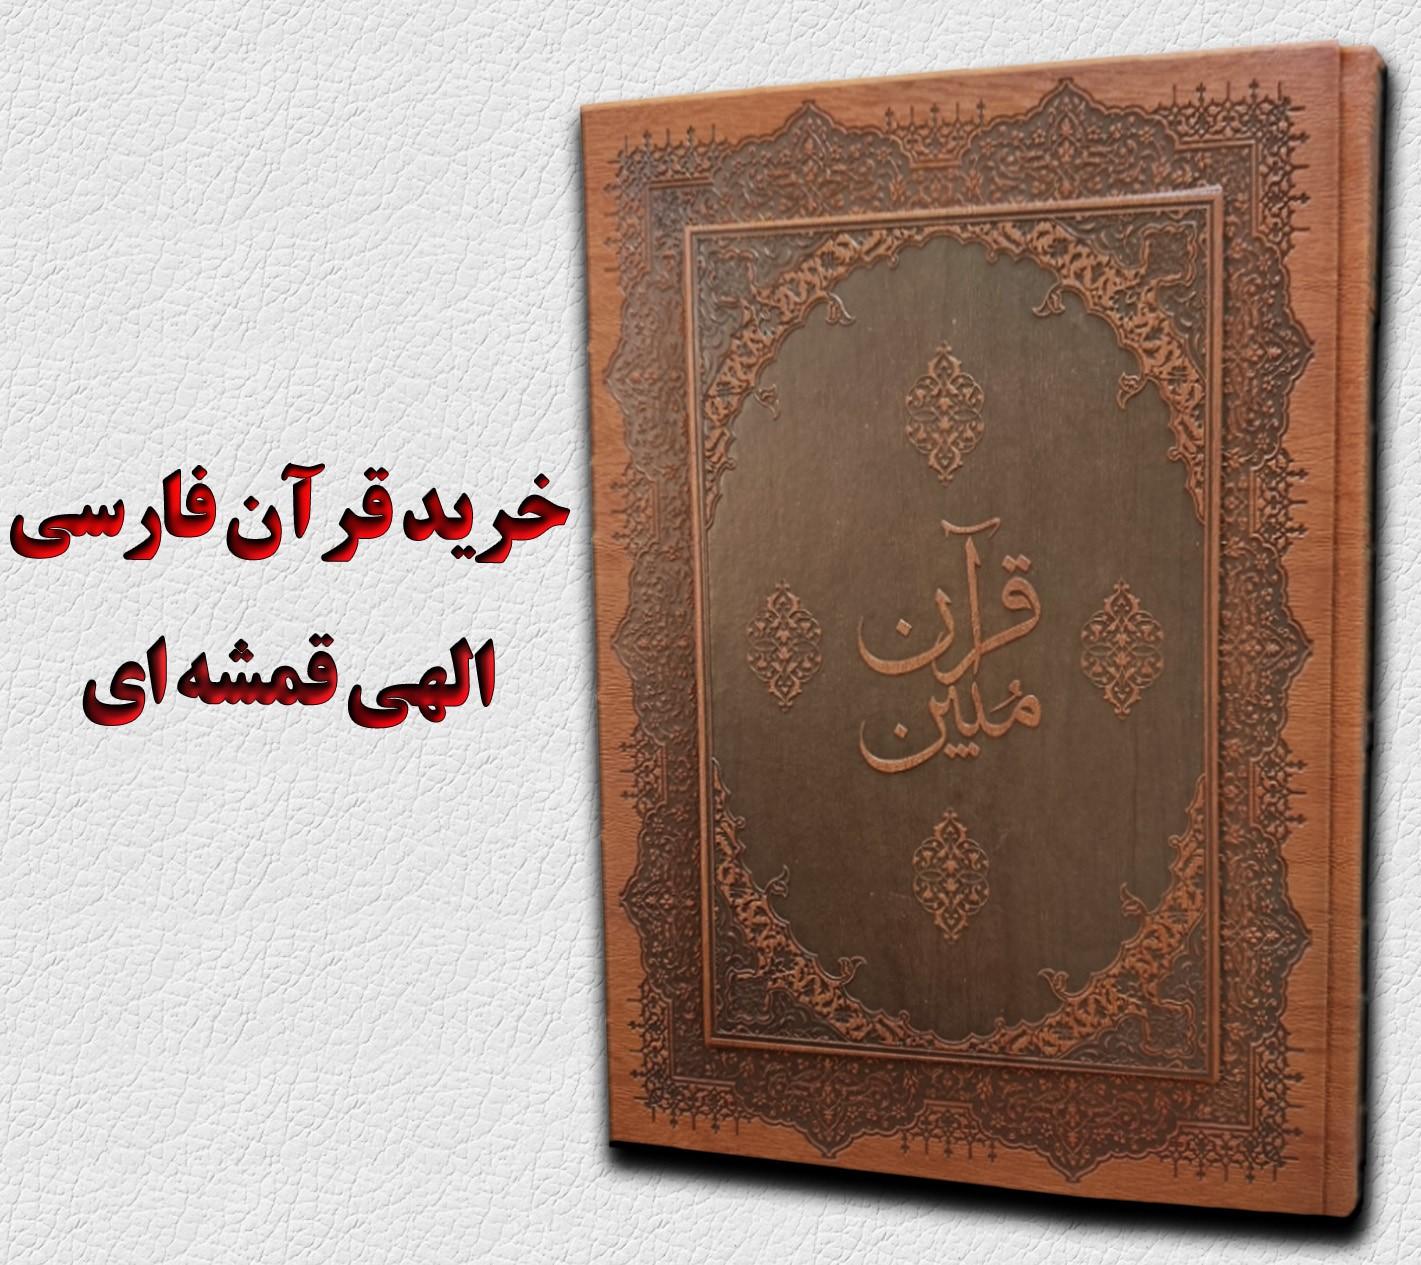 خرید قرآن فارسی الهی قمشه ای با شرایط عالی